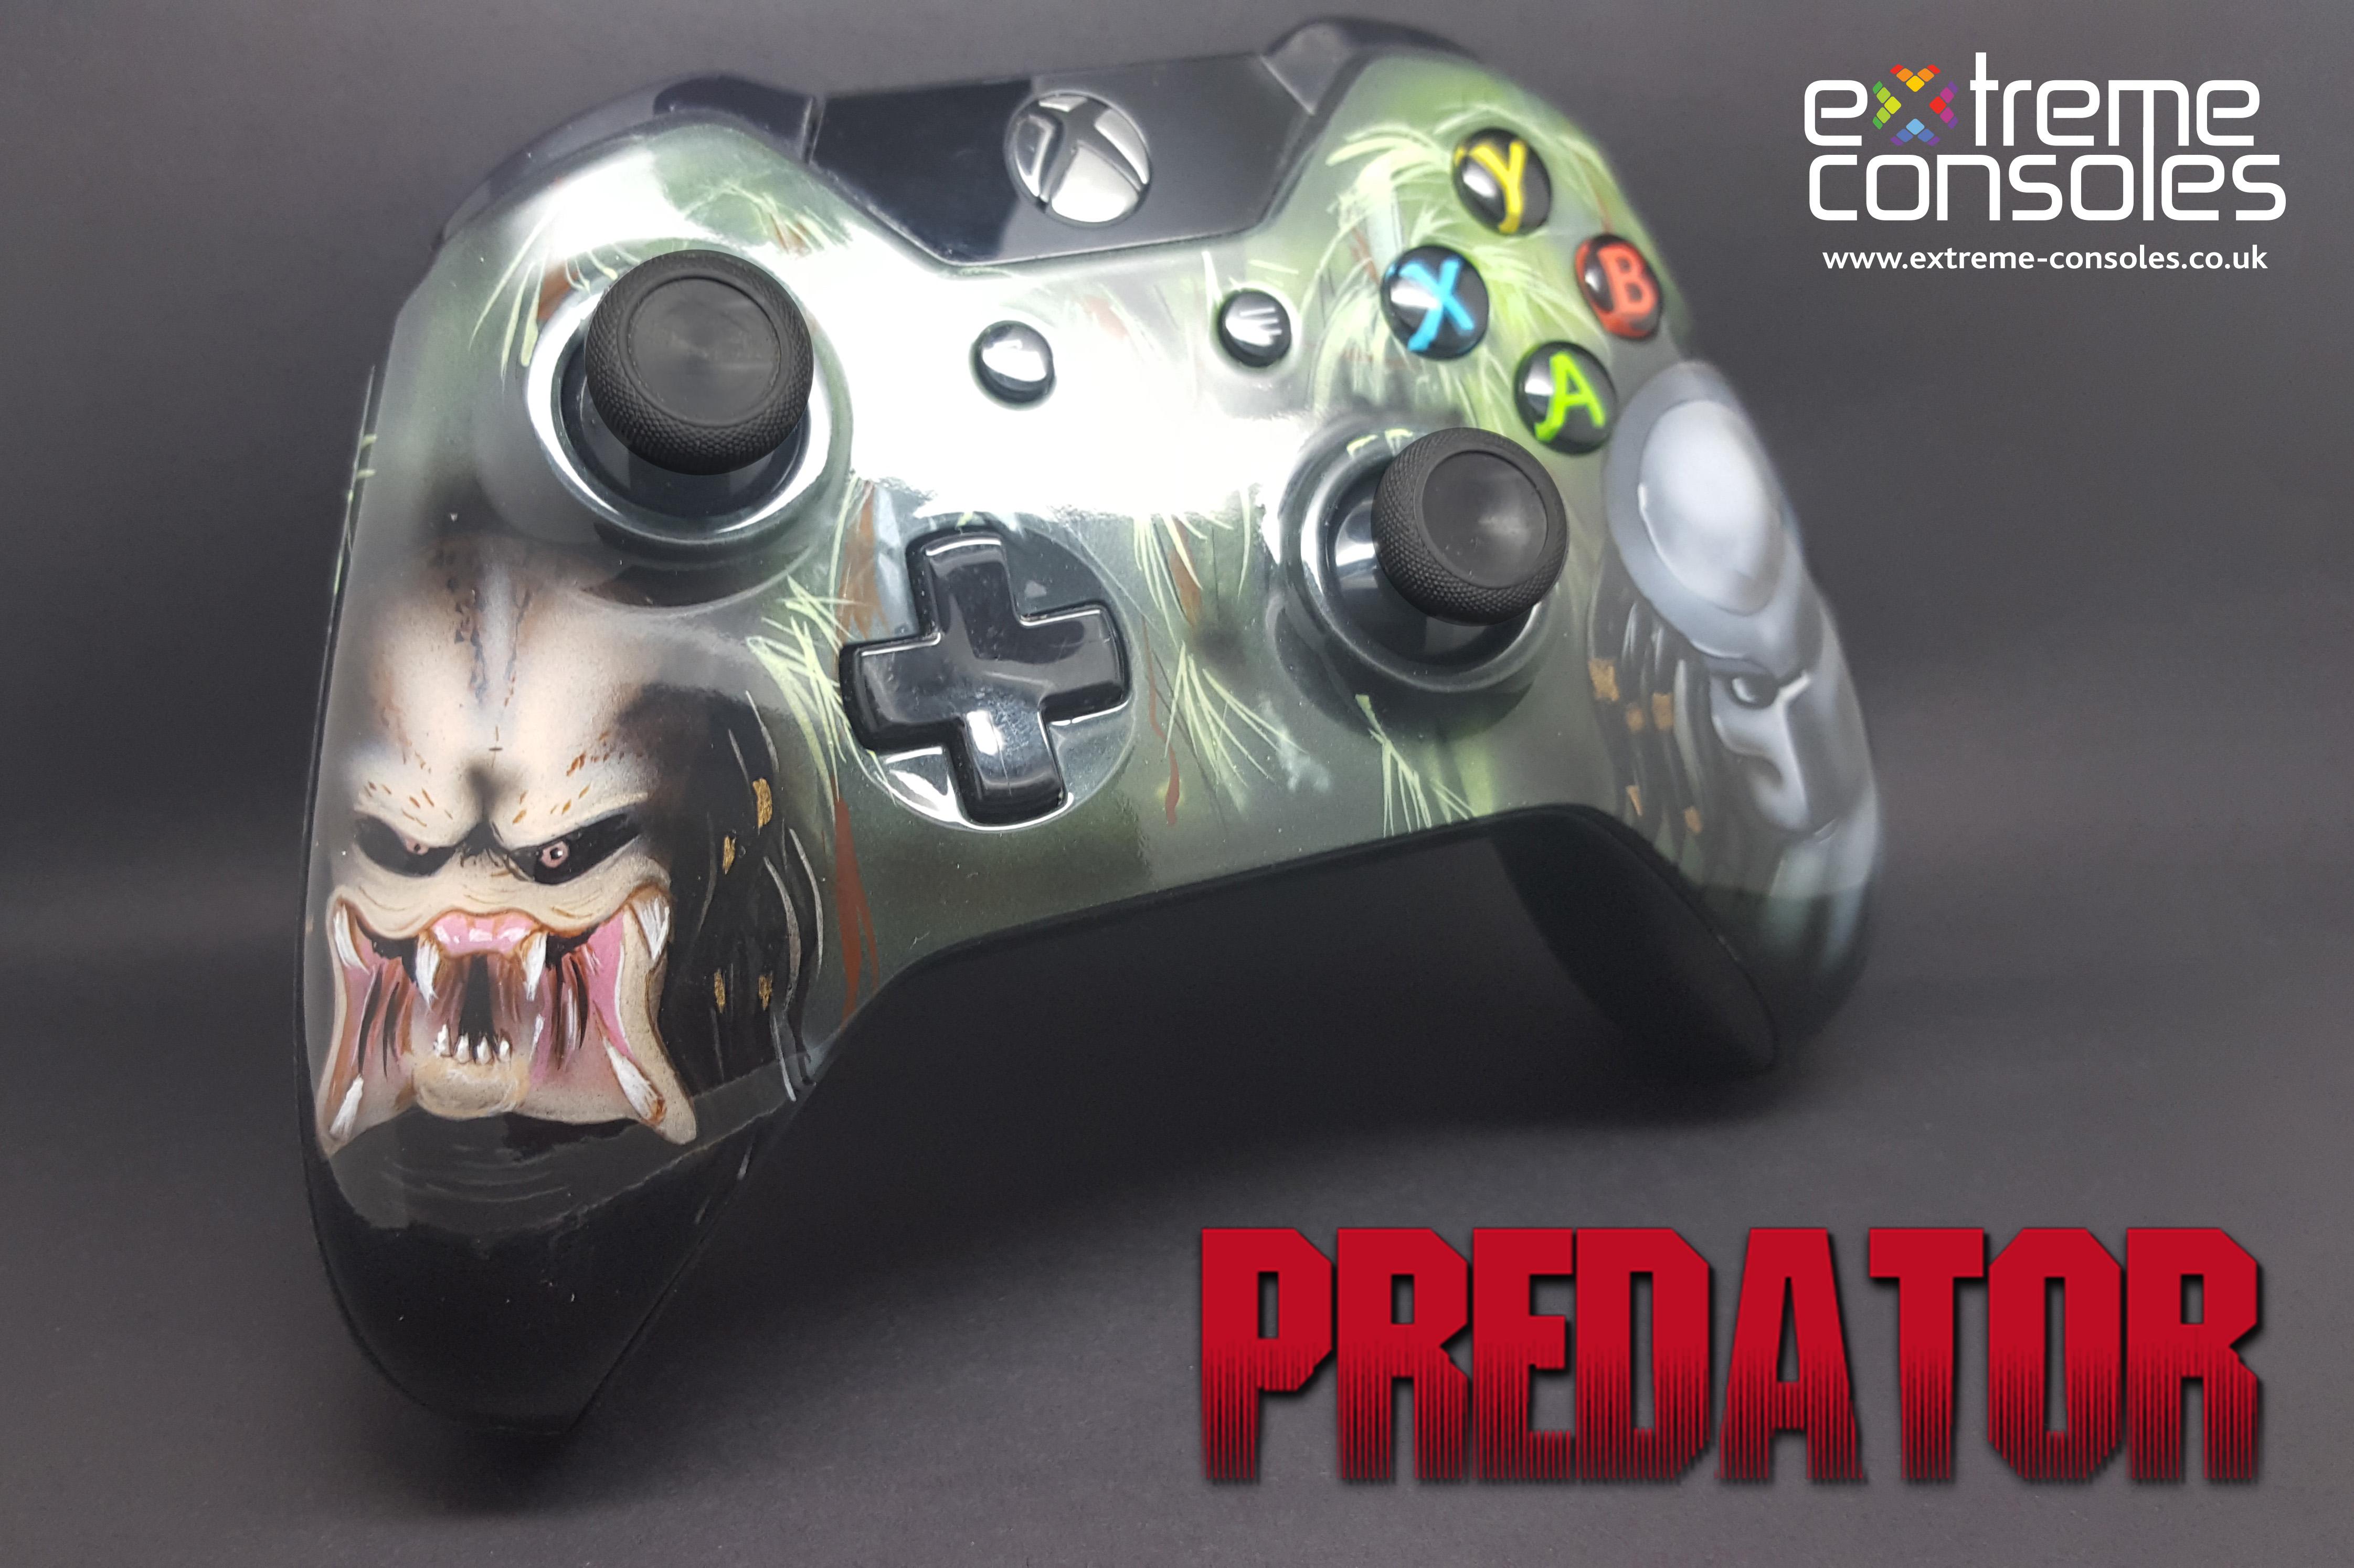 Xbox One Predator controller